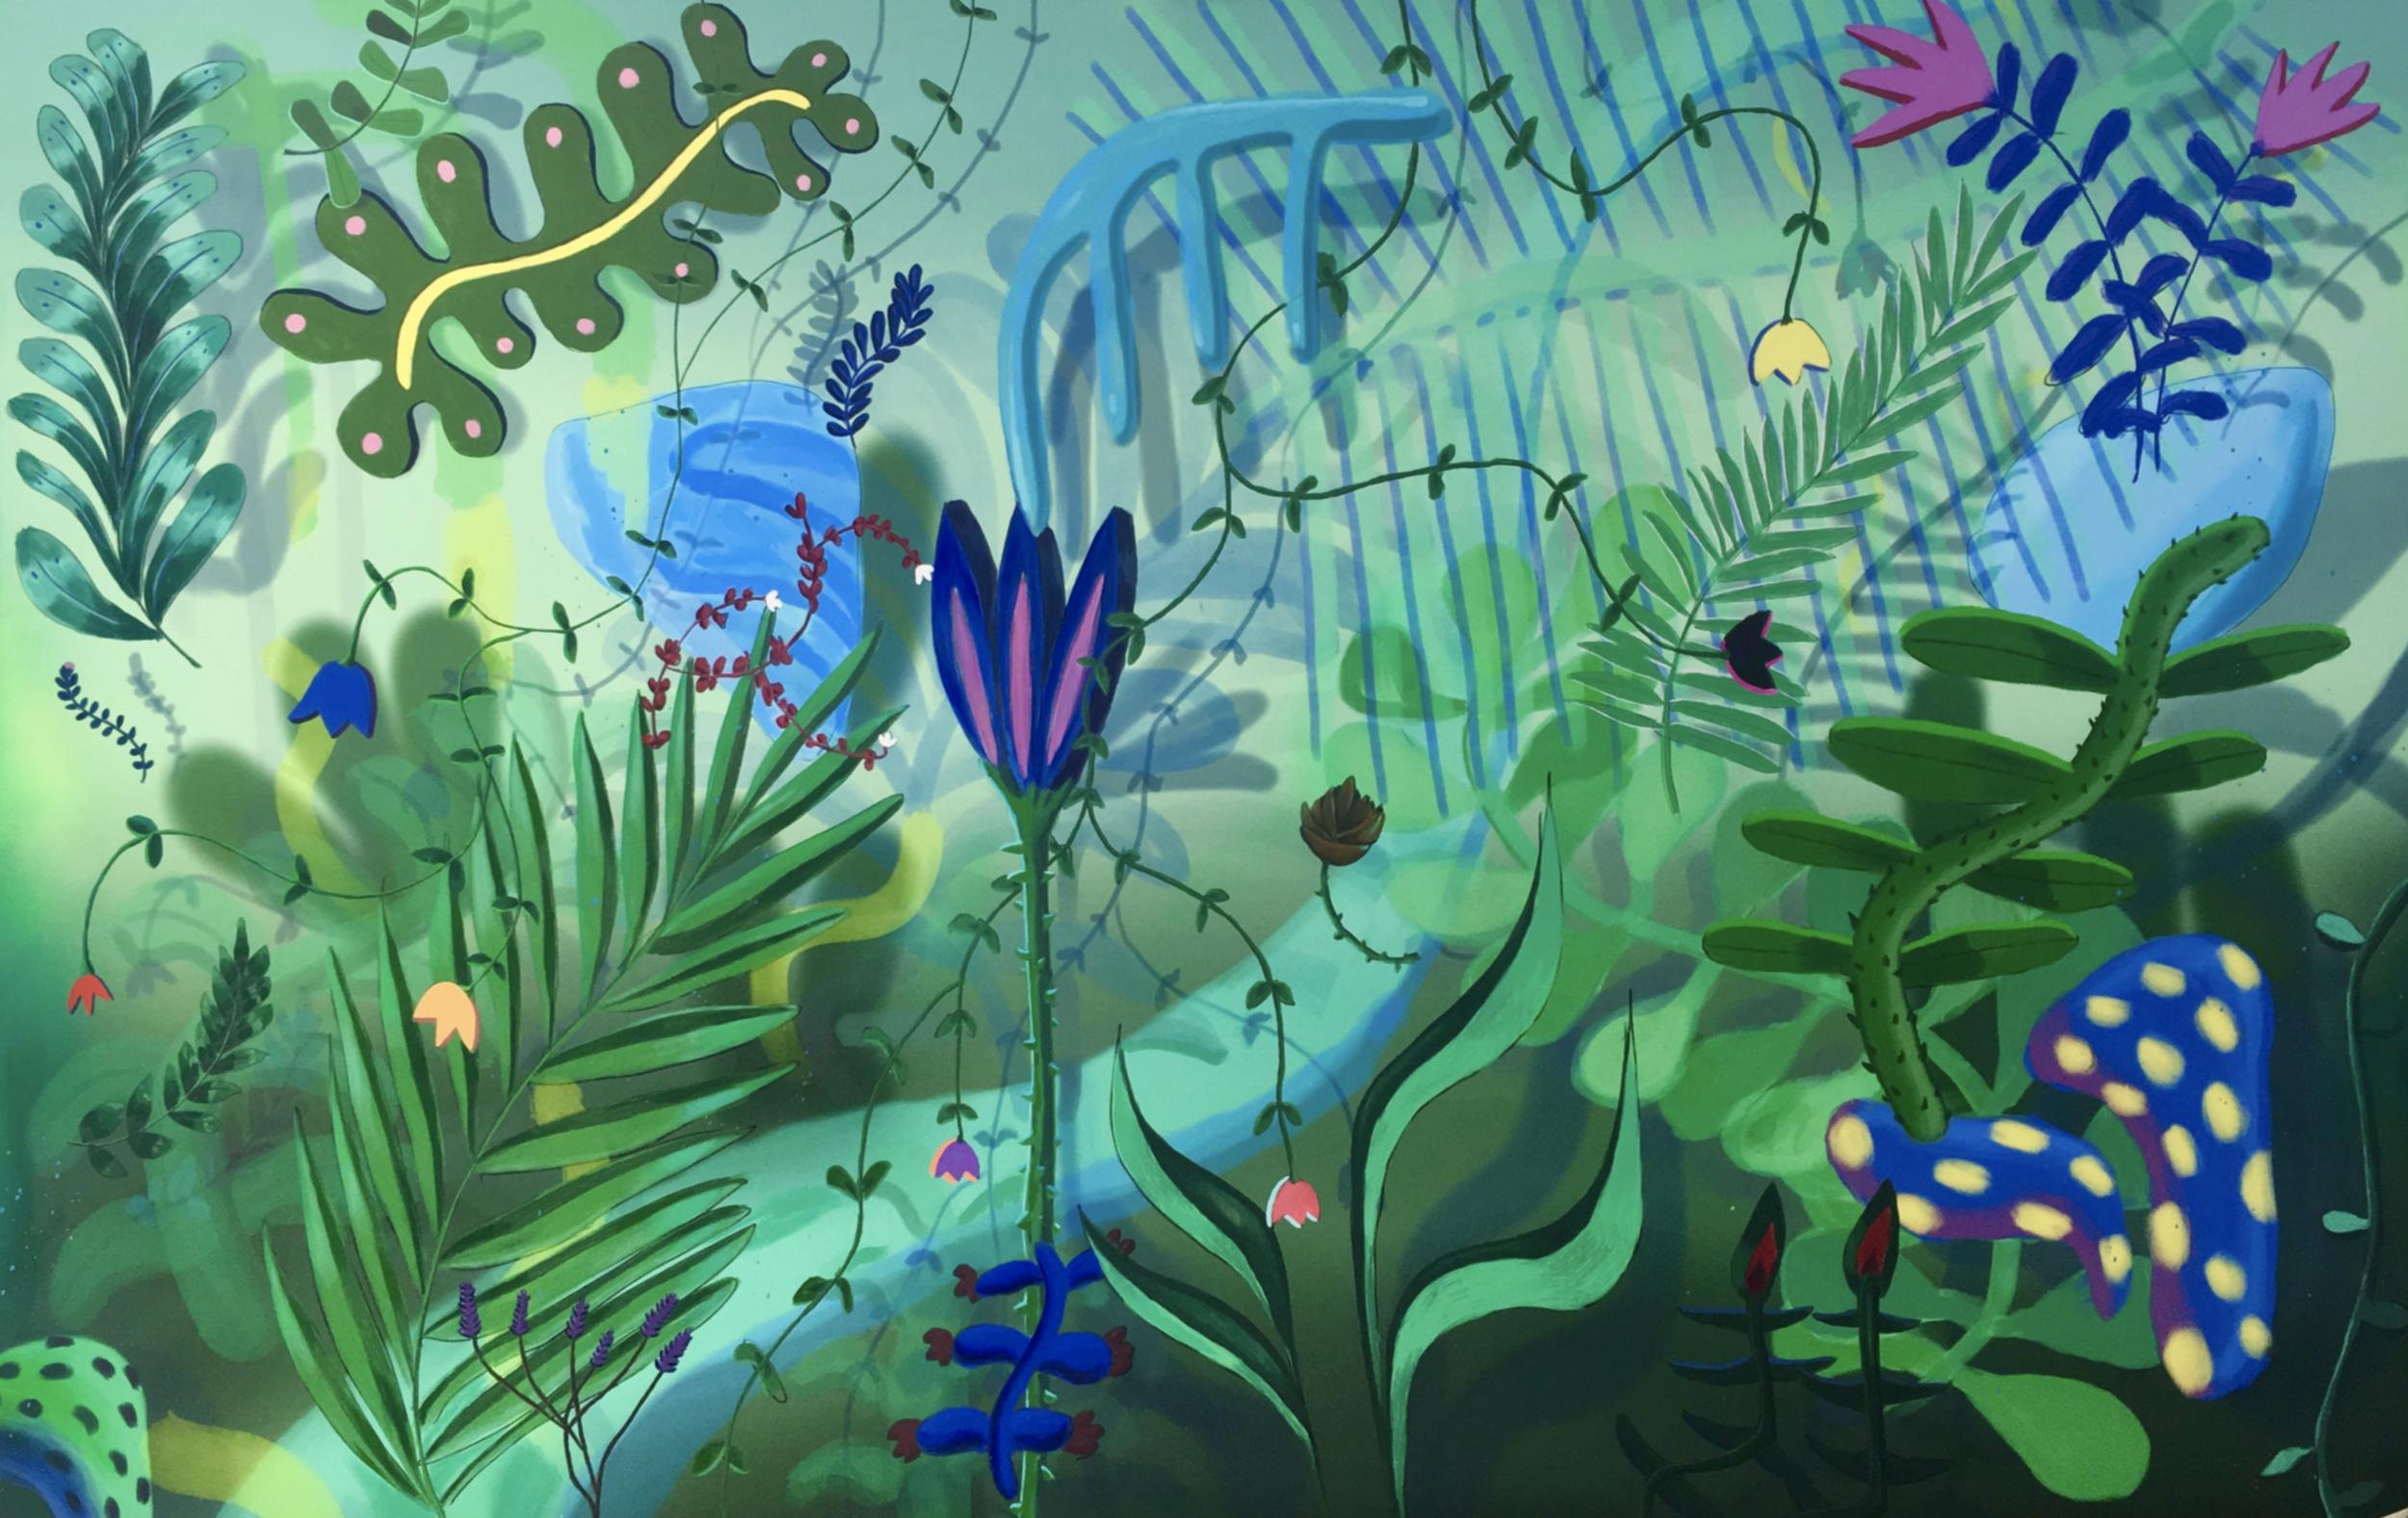 jardin d'éden 1, acrylic on canvas, 120x190cm